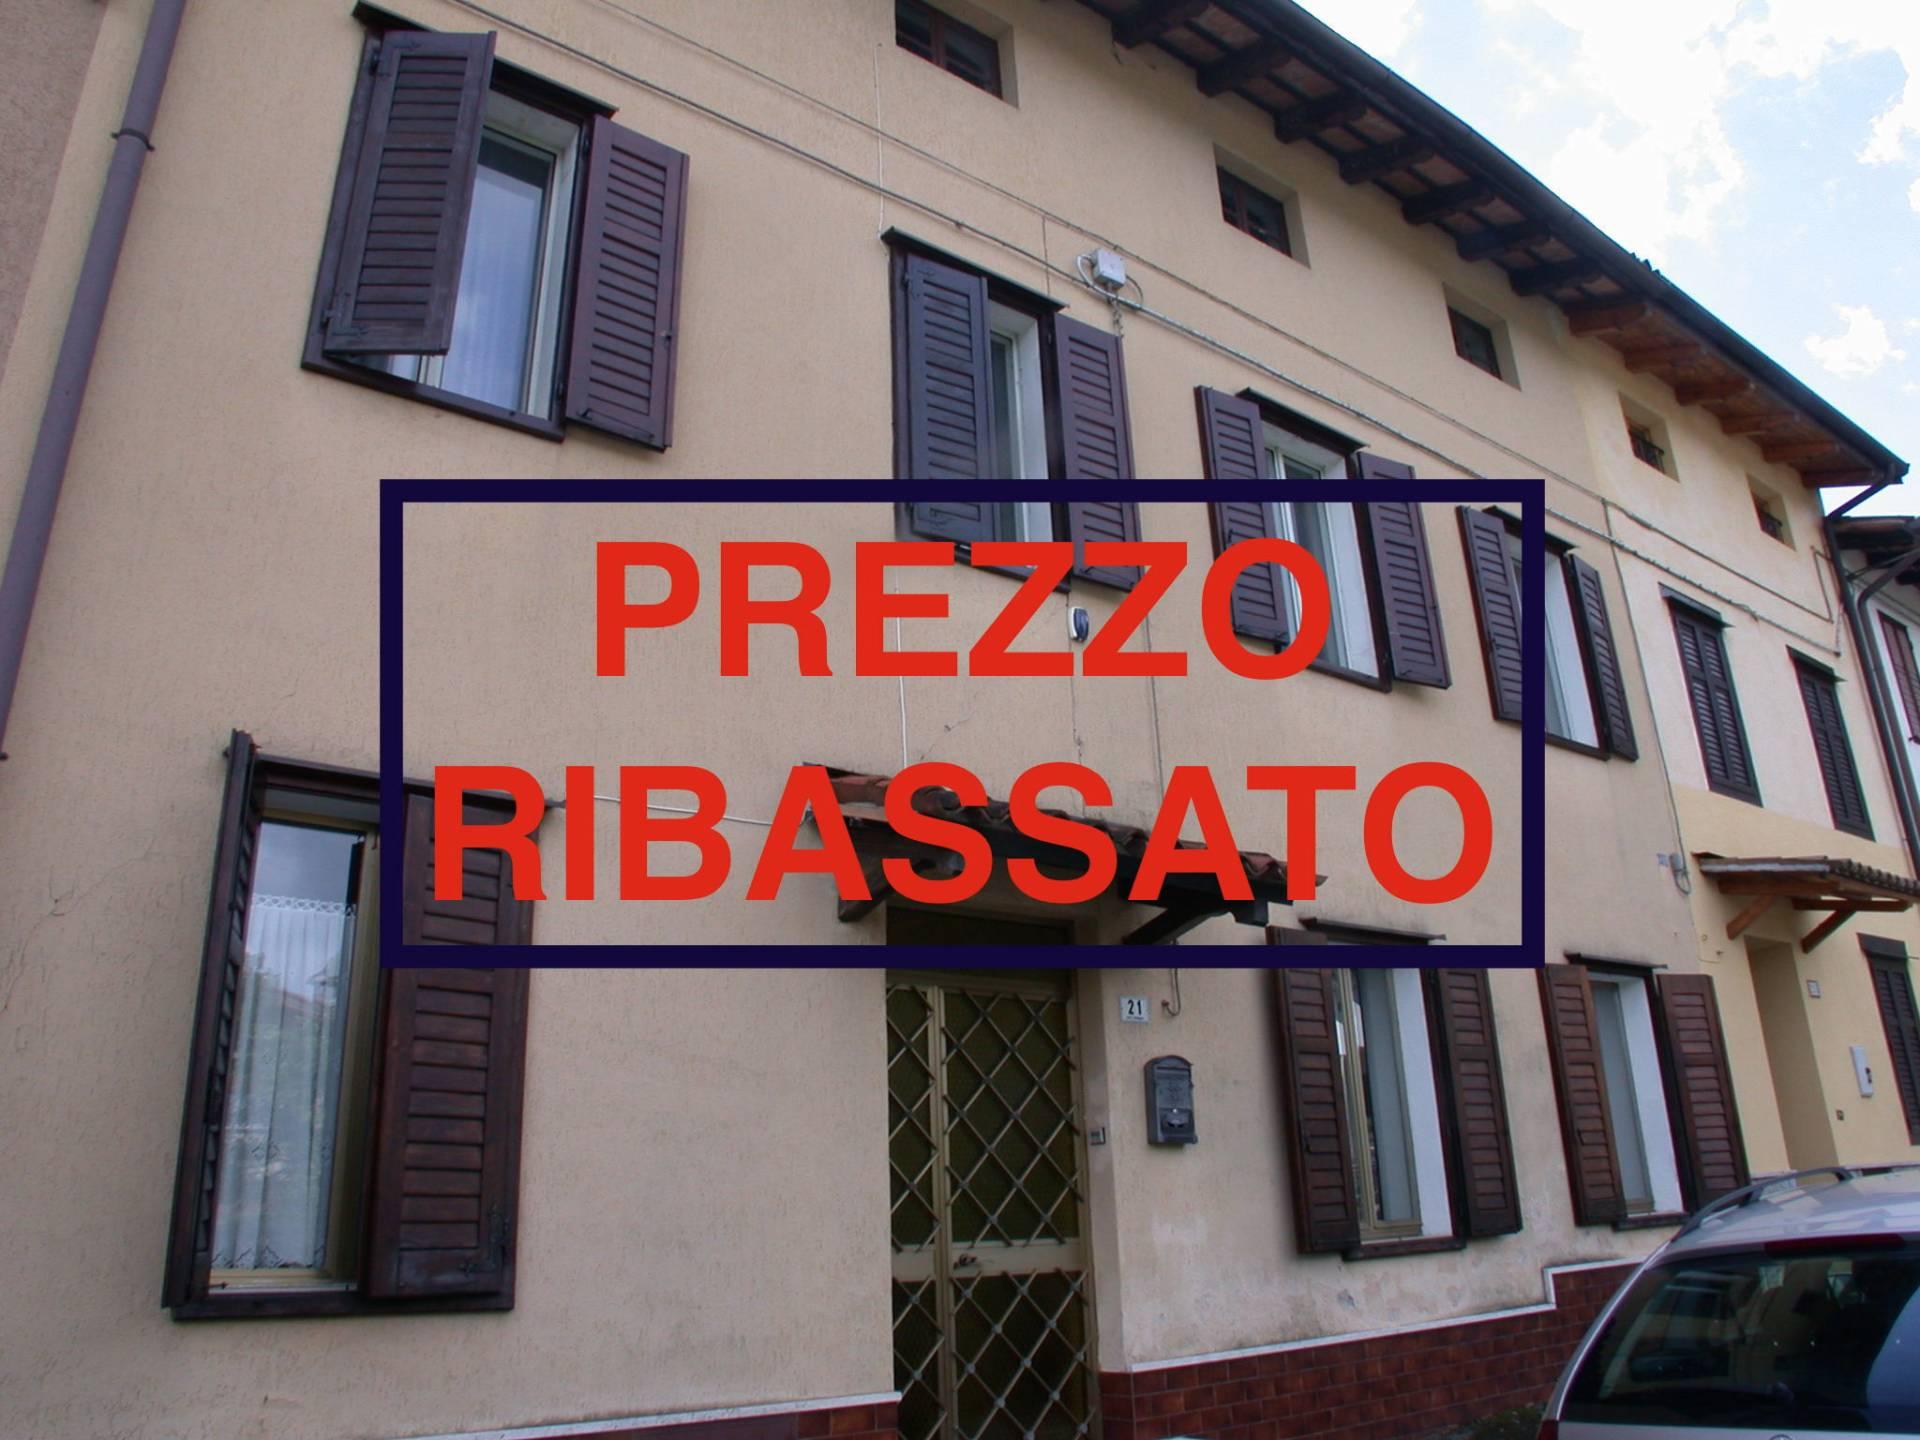 Villa in vendita a Gorizia, 10 locali, zona Località: Piedimonte, prezzo € 72.000 | Cambio Casa.it